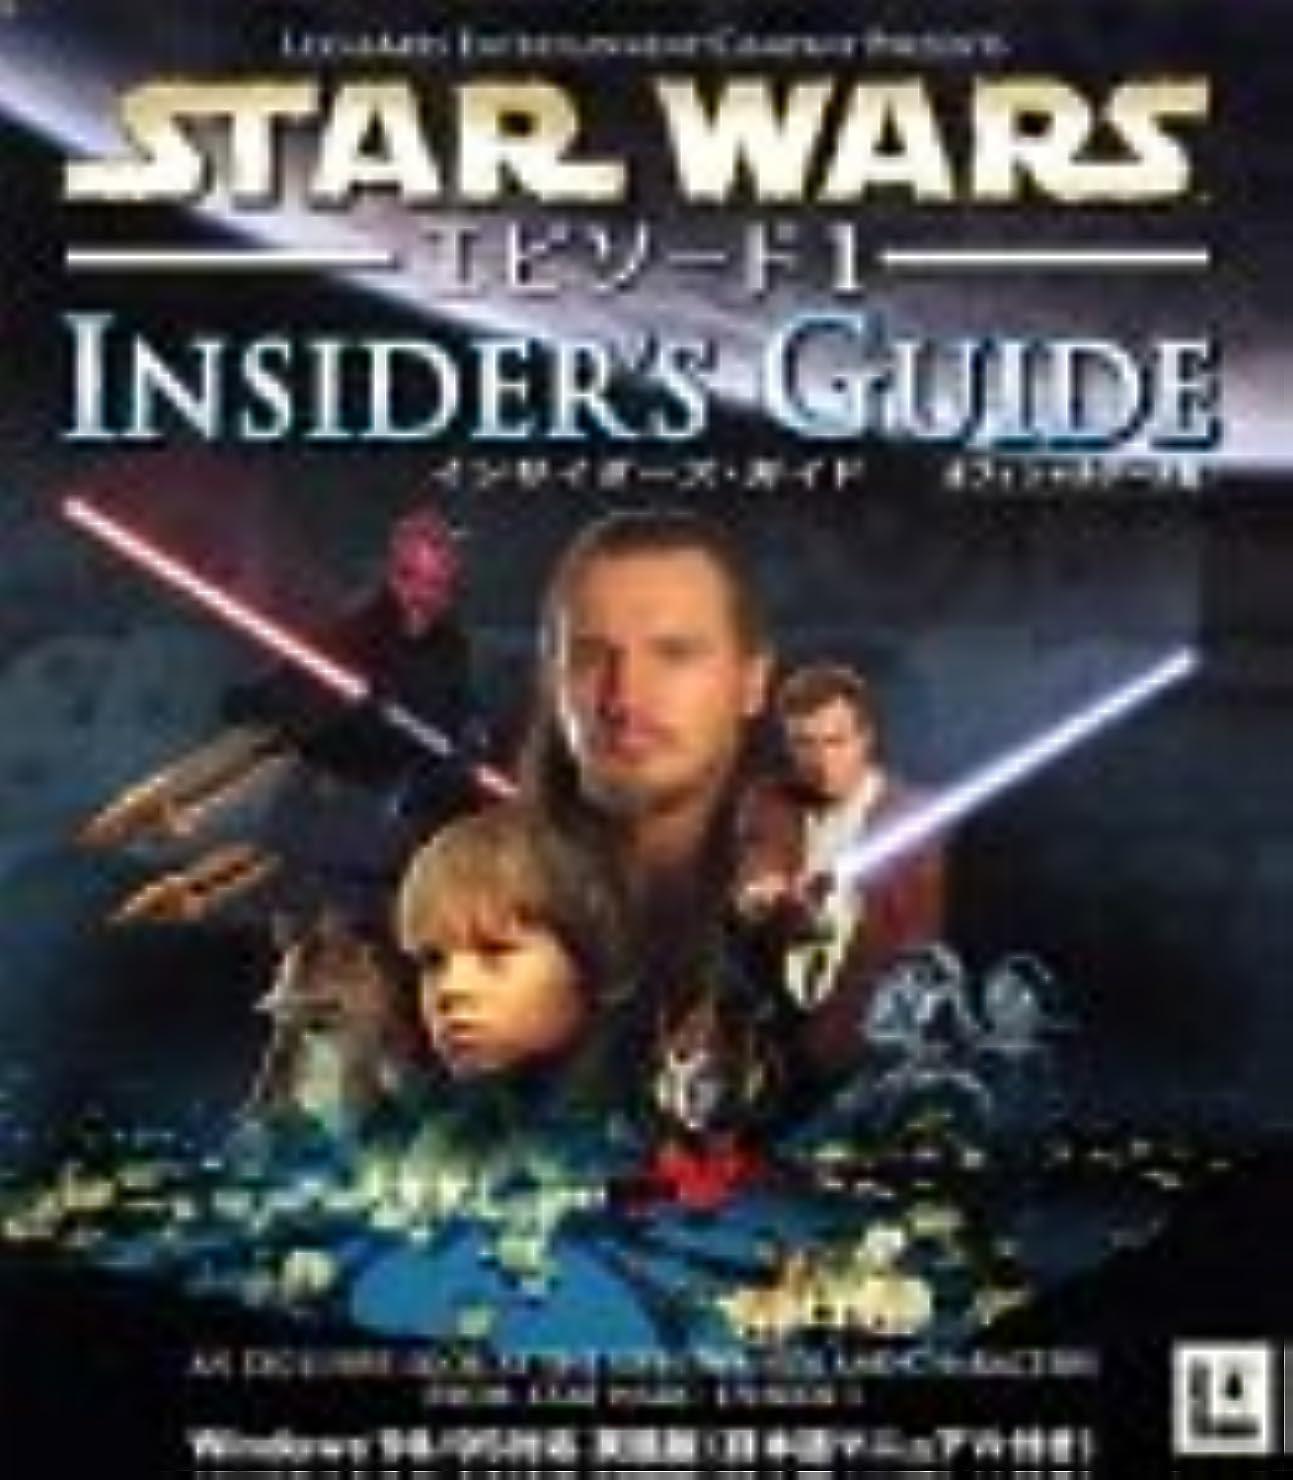 注文固体正しくSTAR WARS エピソード 1 Insider's Guide